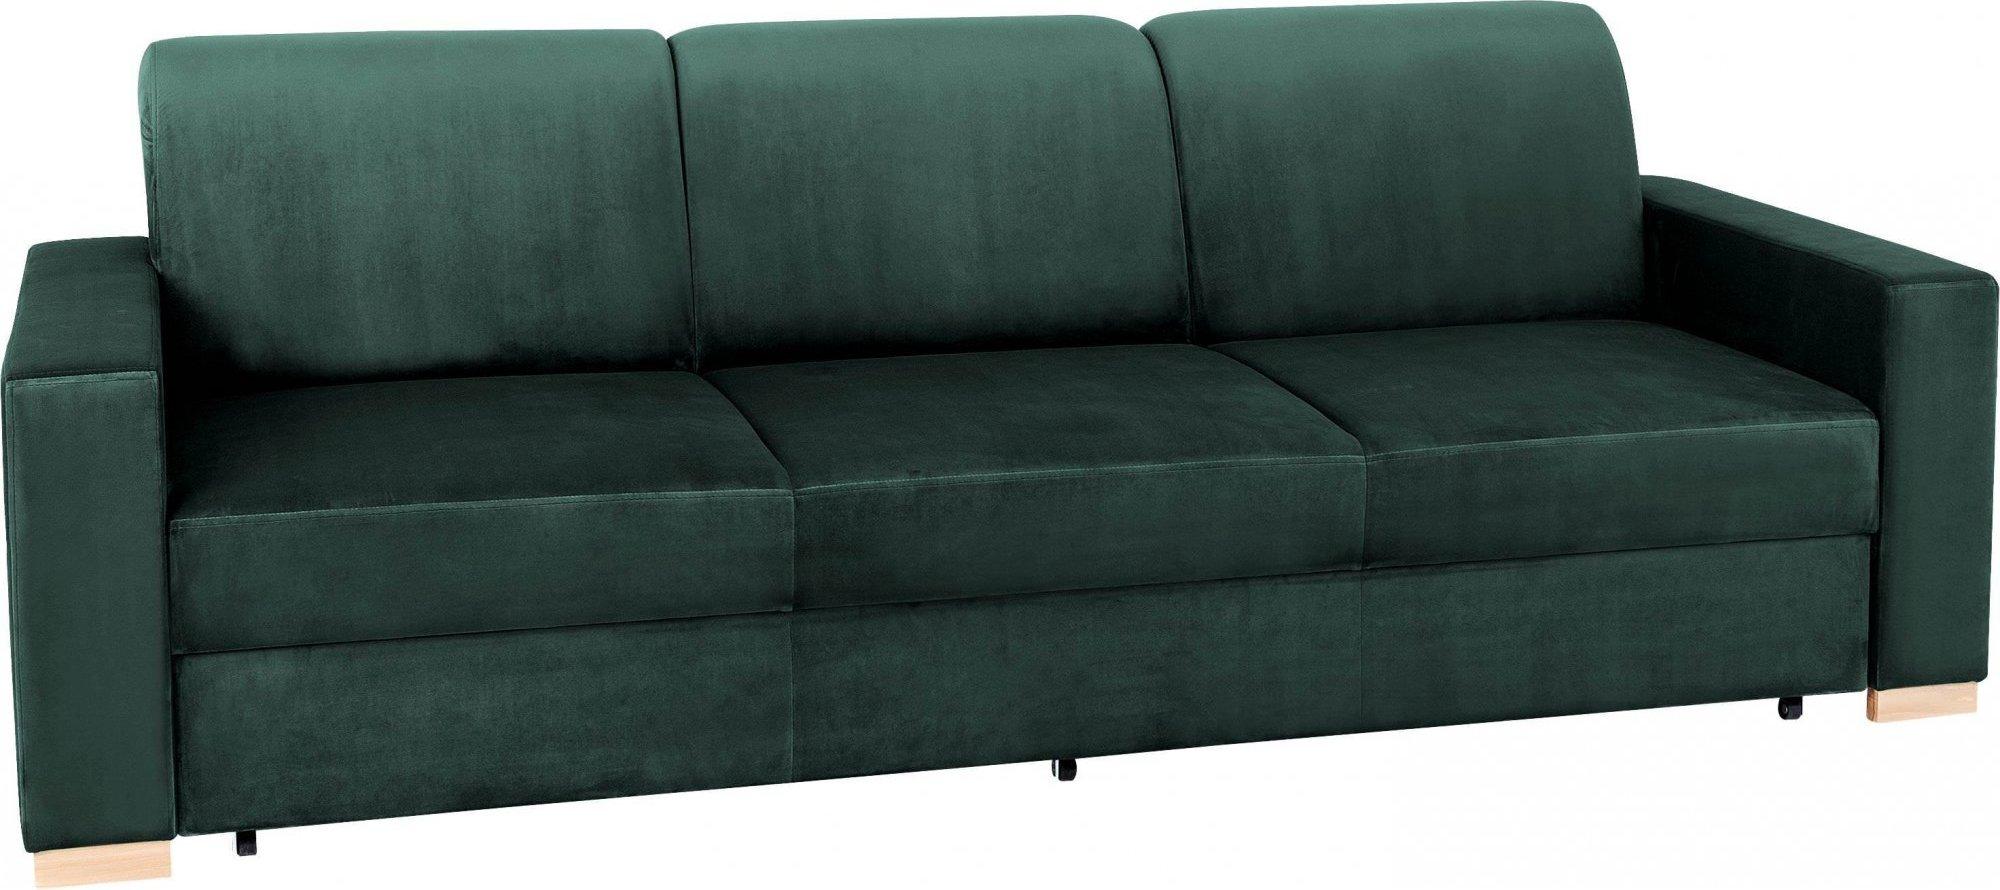 Canapé 3 places tissu vert avocat h40cm